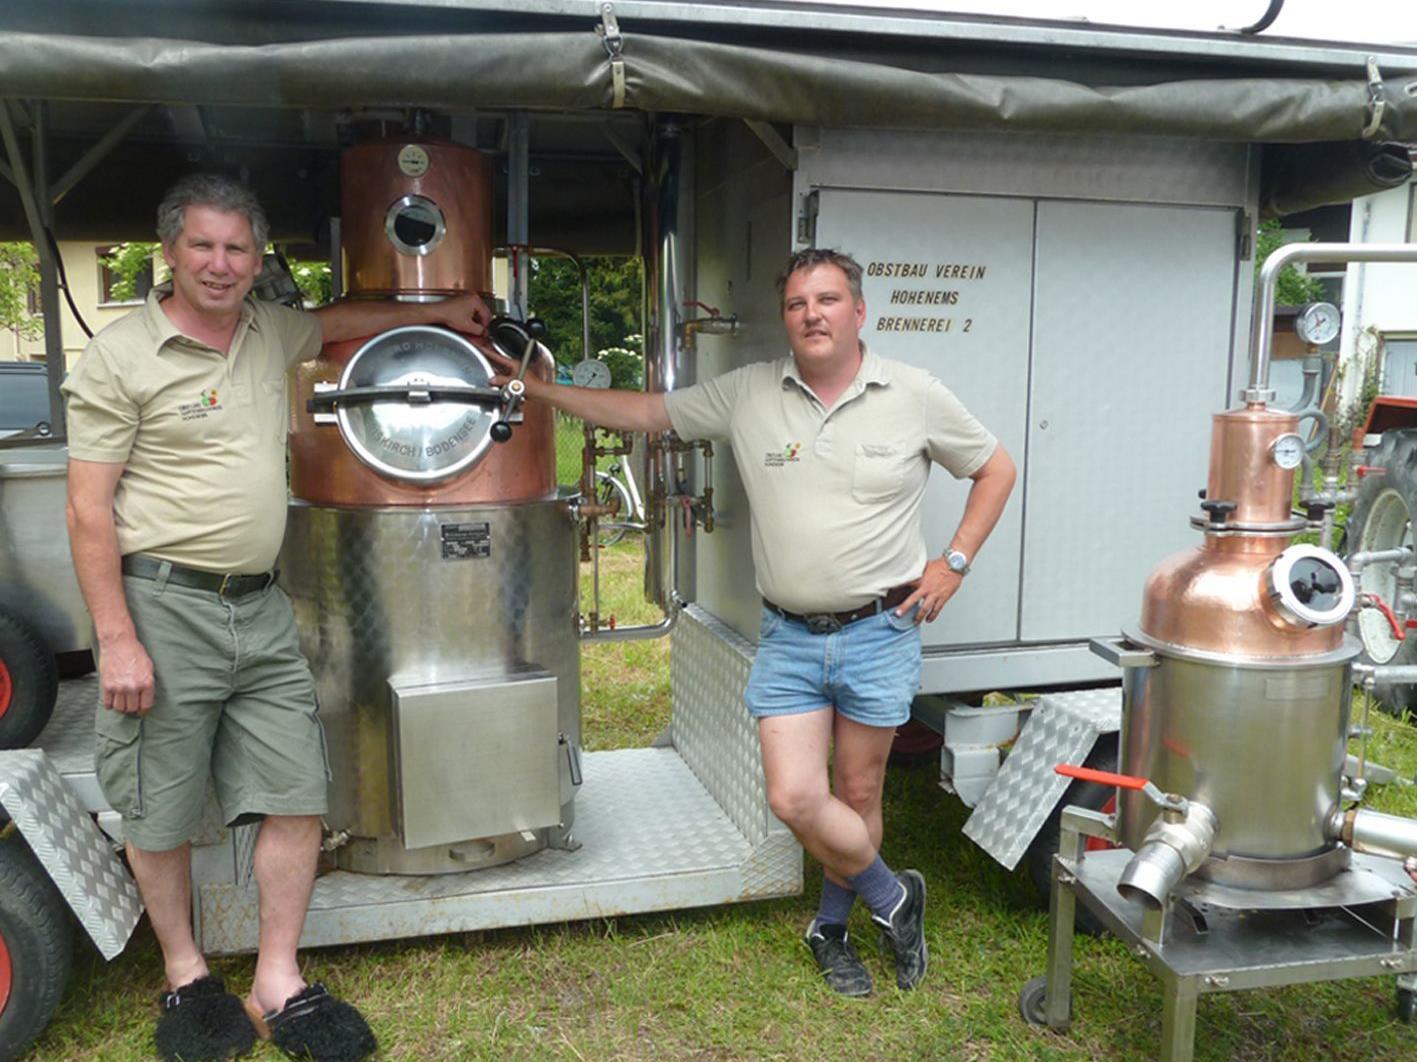 Obmann Dieter Seidl (r.) und Vize Lothar Nachbauer erläuterten die vereinseigenen Schnapsbrennereien